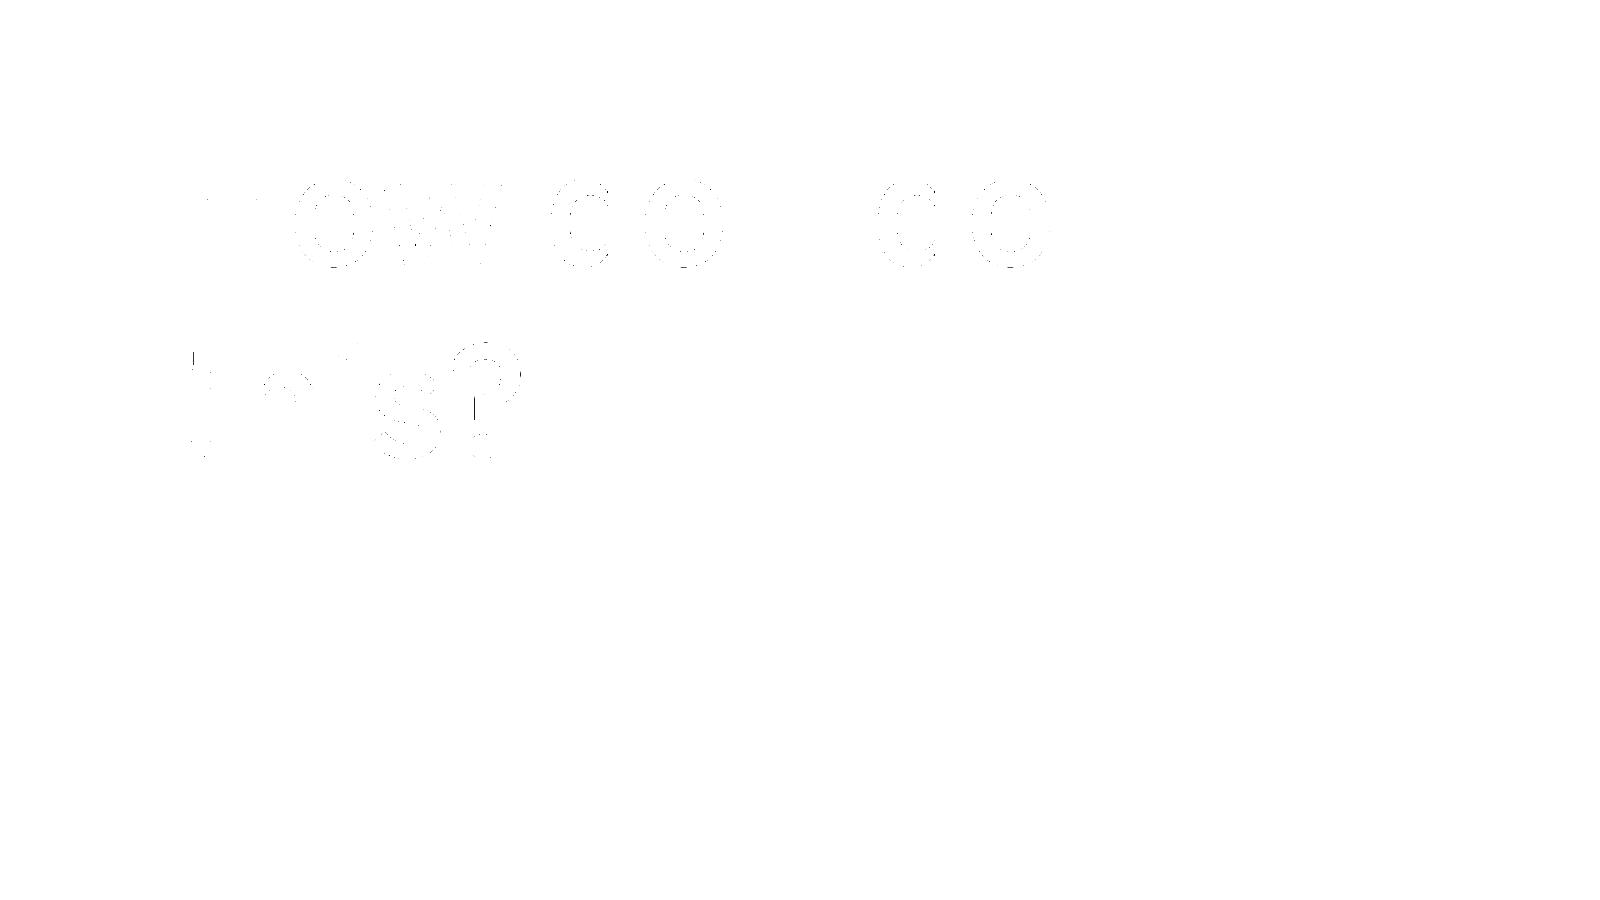 Slide 60